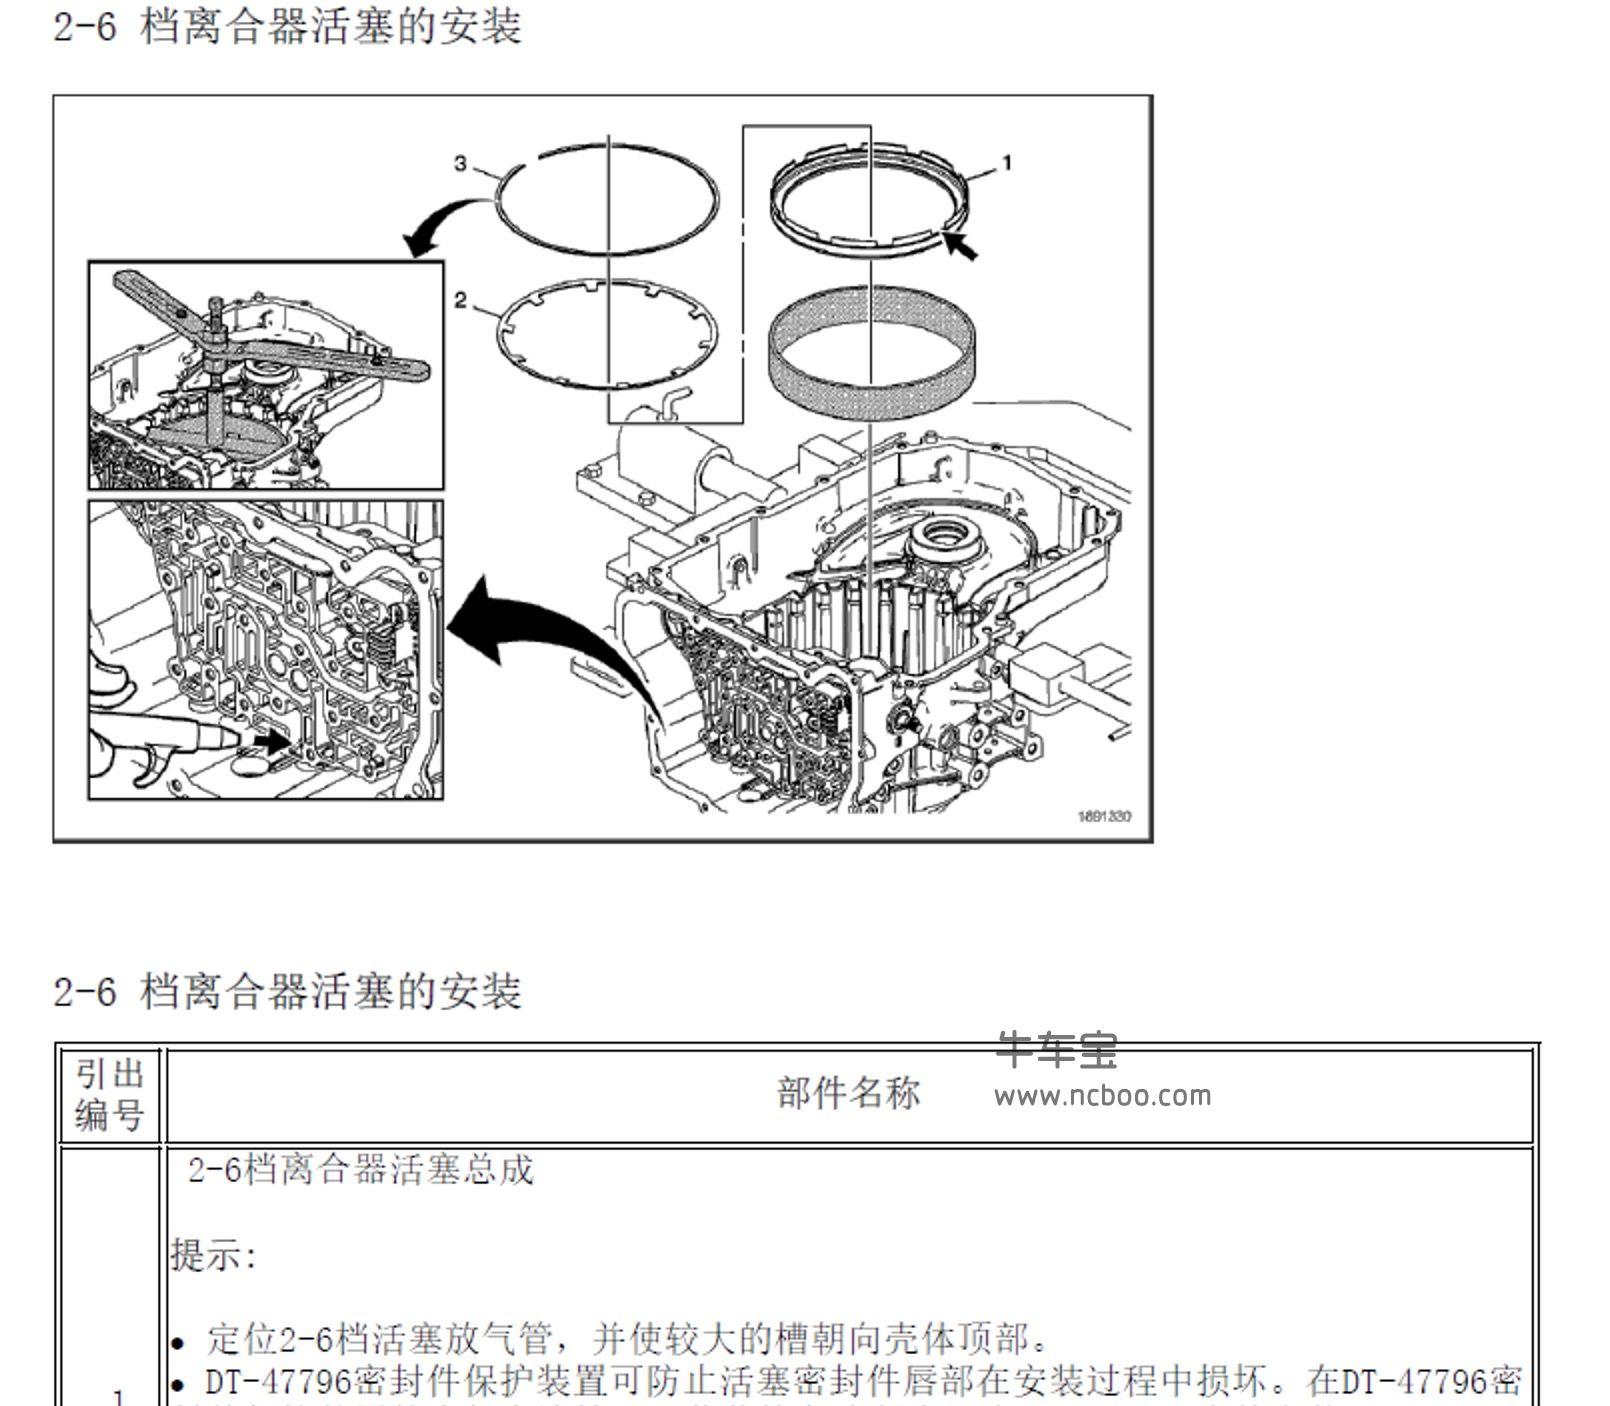 2012-2013款别克GL8(豪华)原厂维修手册和电路图下载